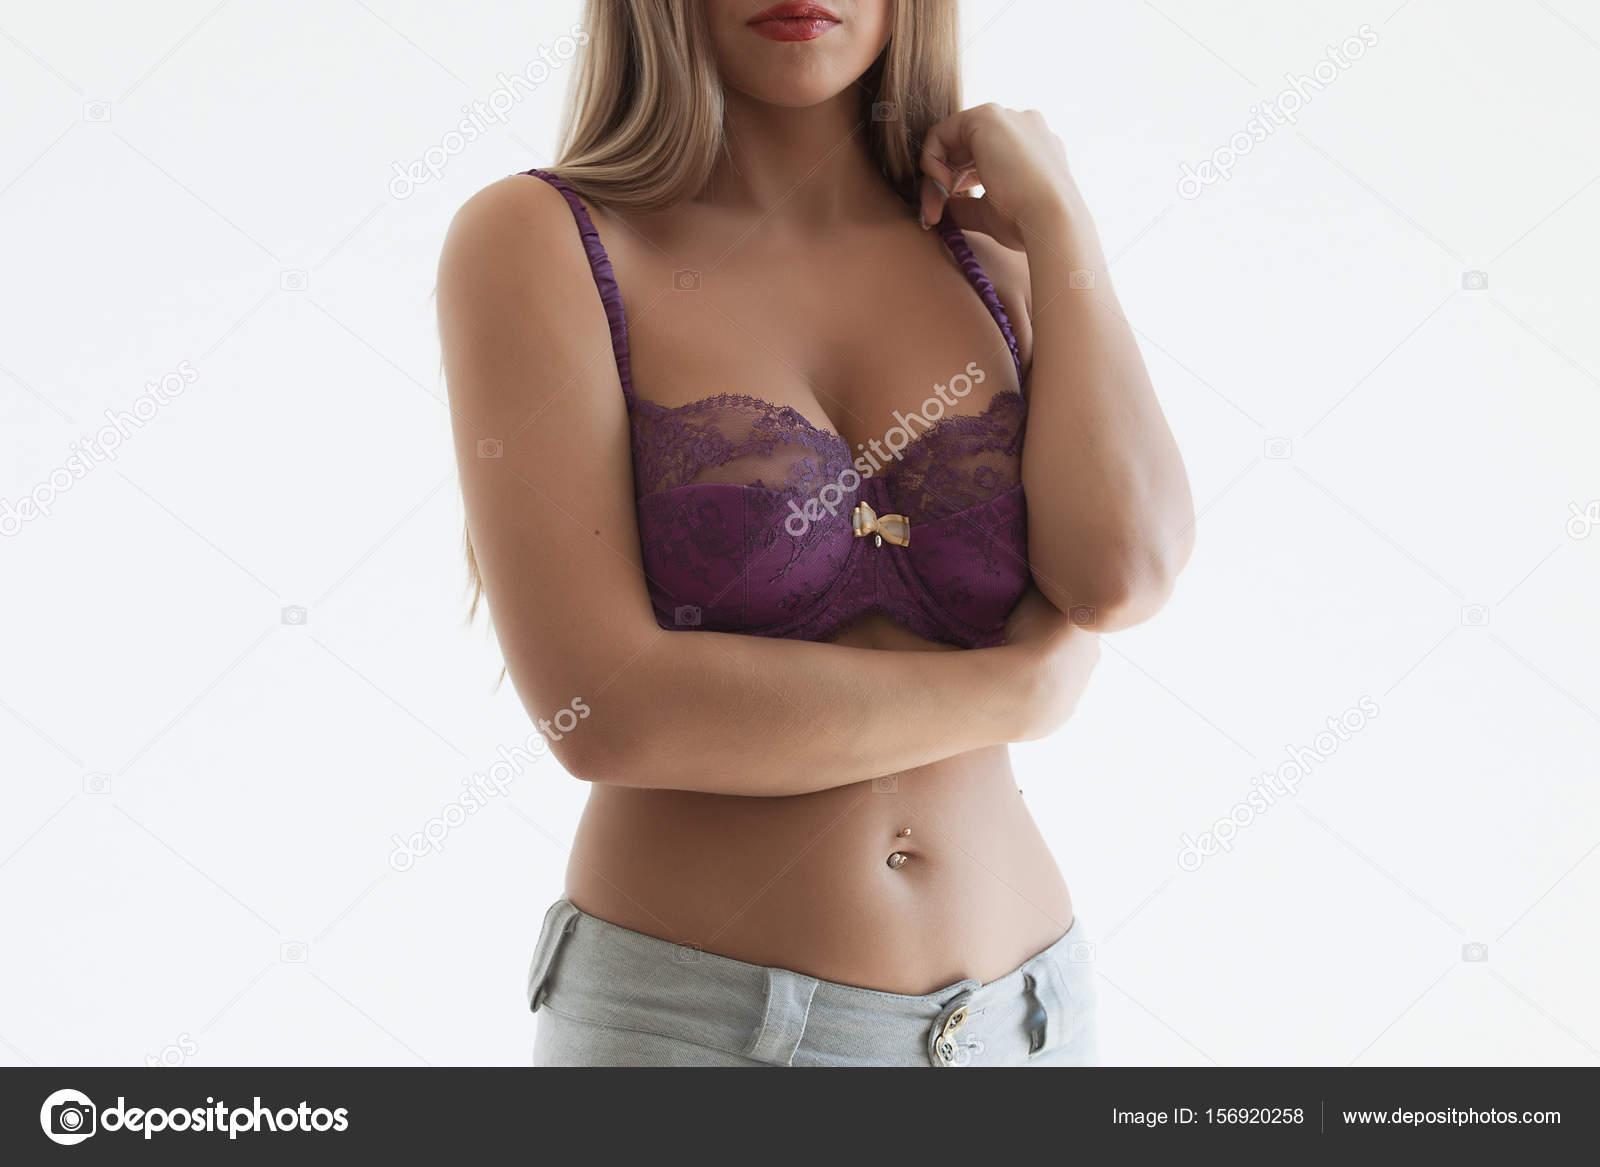 schöne weibliche brust — Stockfoto © 3kstudio #156920258